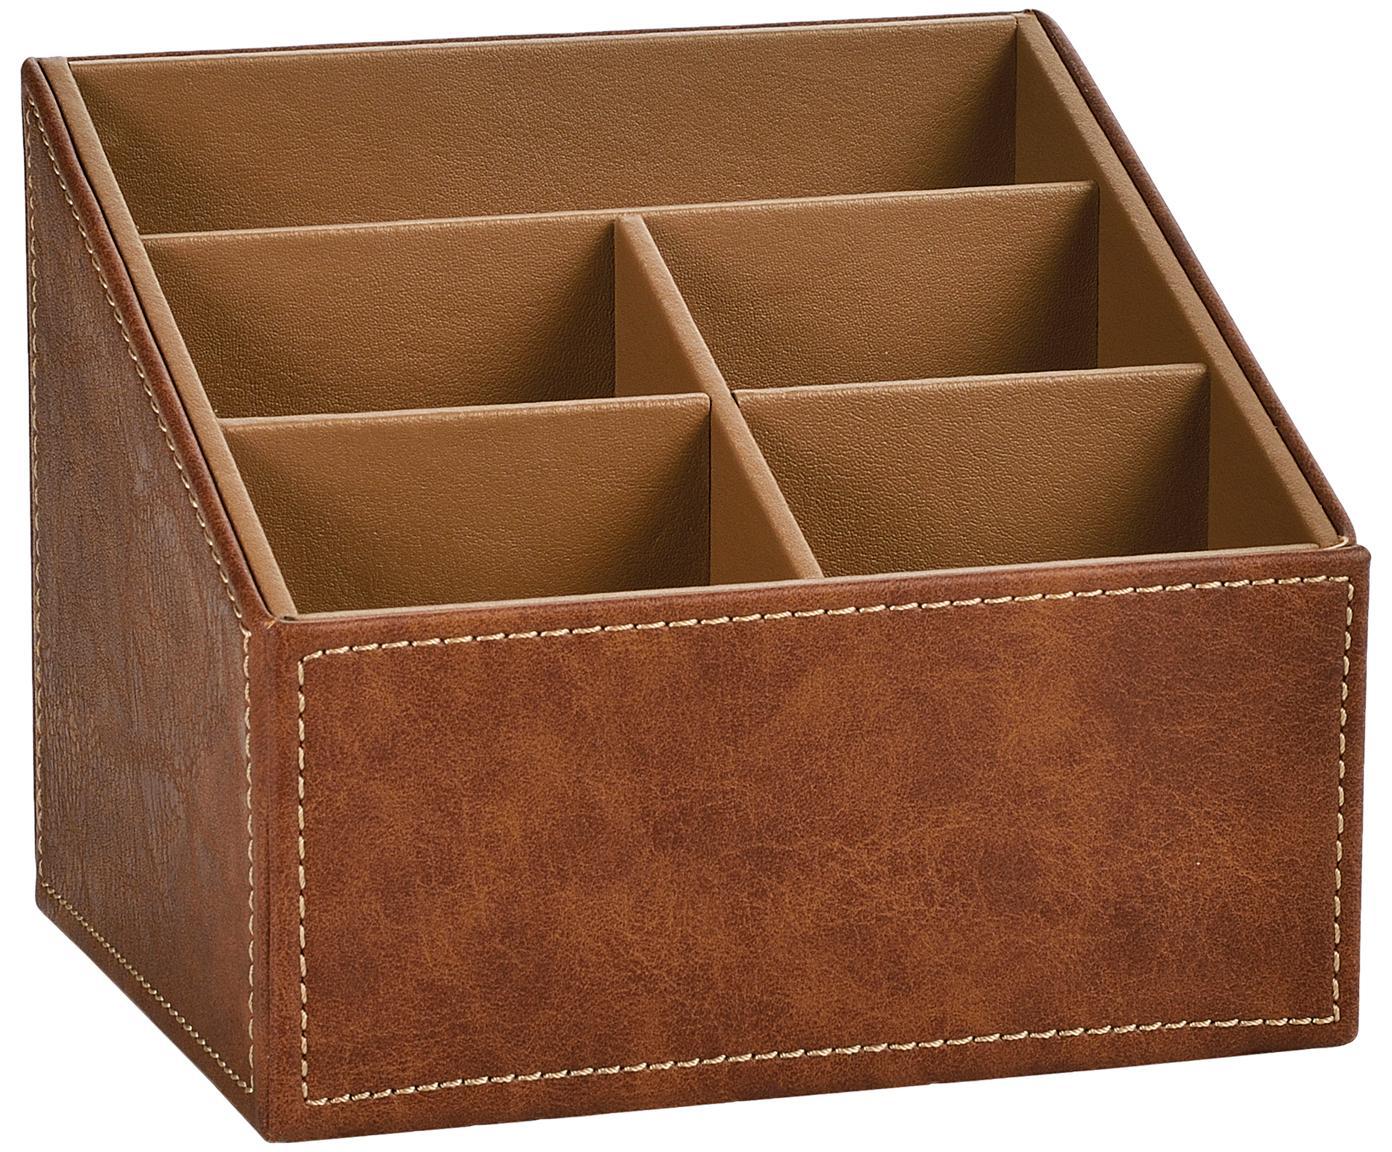 Organizador de escritorio Storage, Tapizado: poliuretano (cuero sintét, Estructura: tablero de fibras de dens, Marrón, An 17 x Al 13 cm